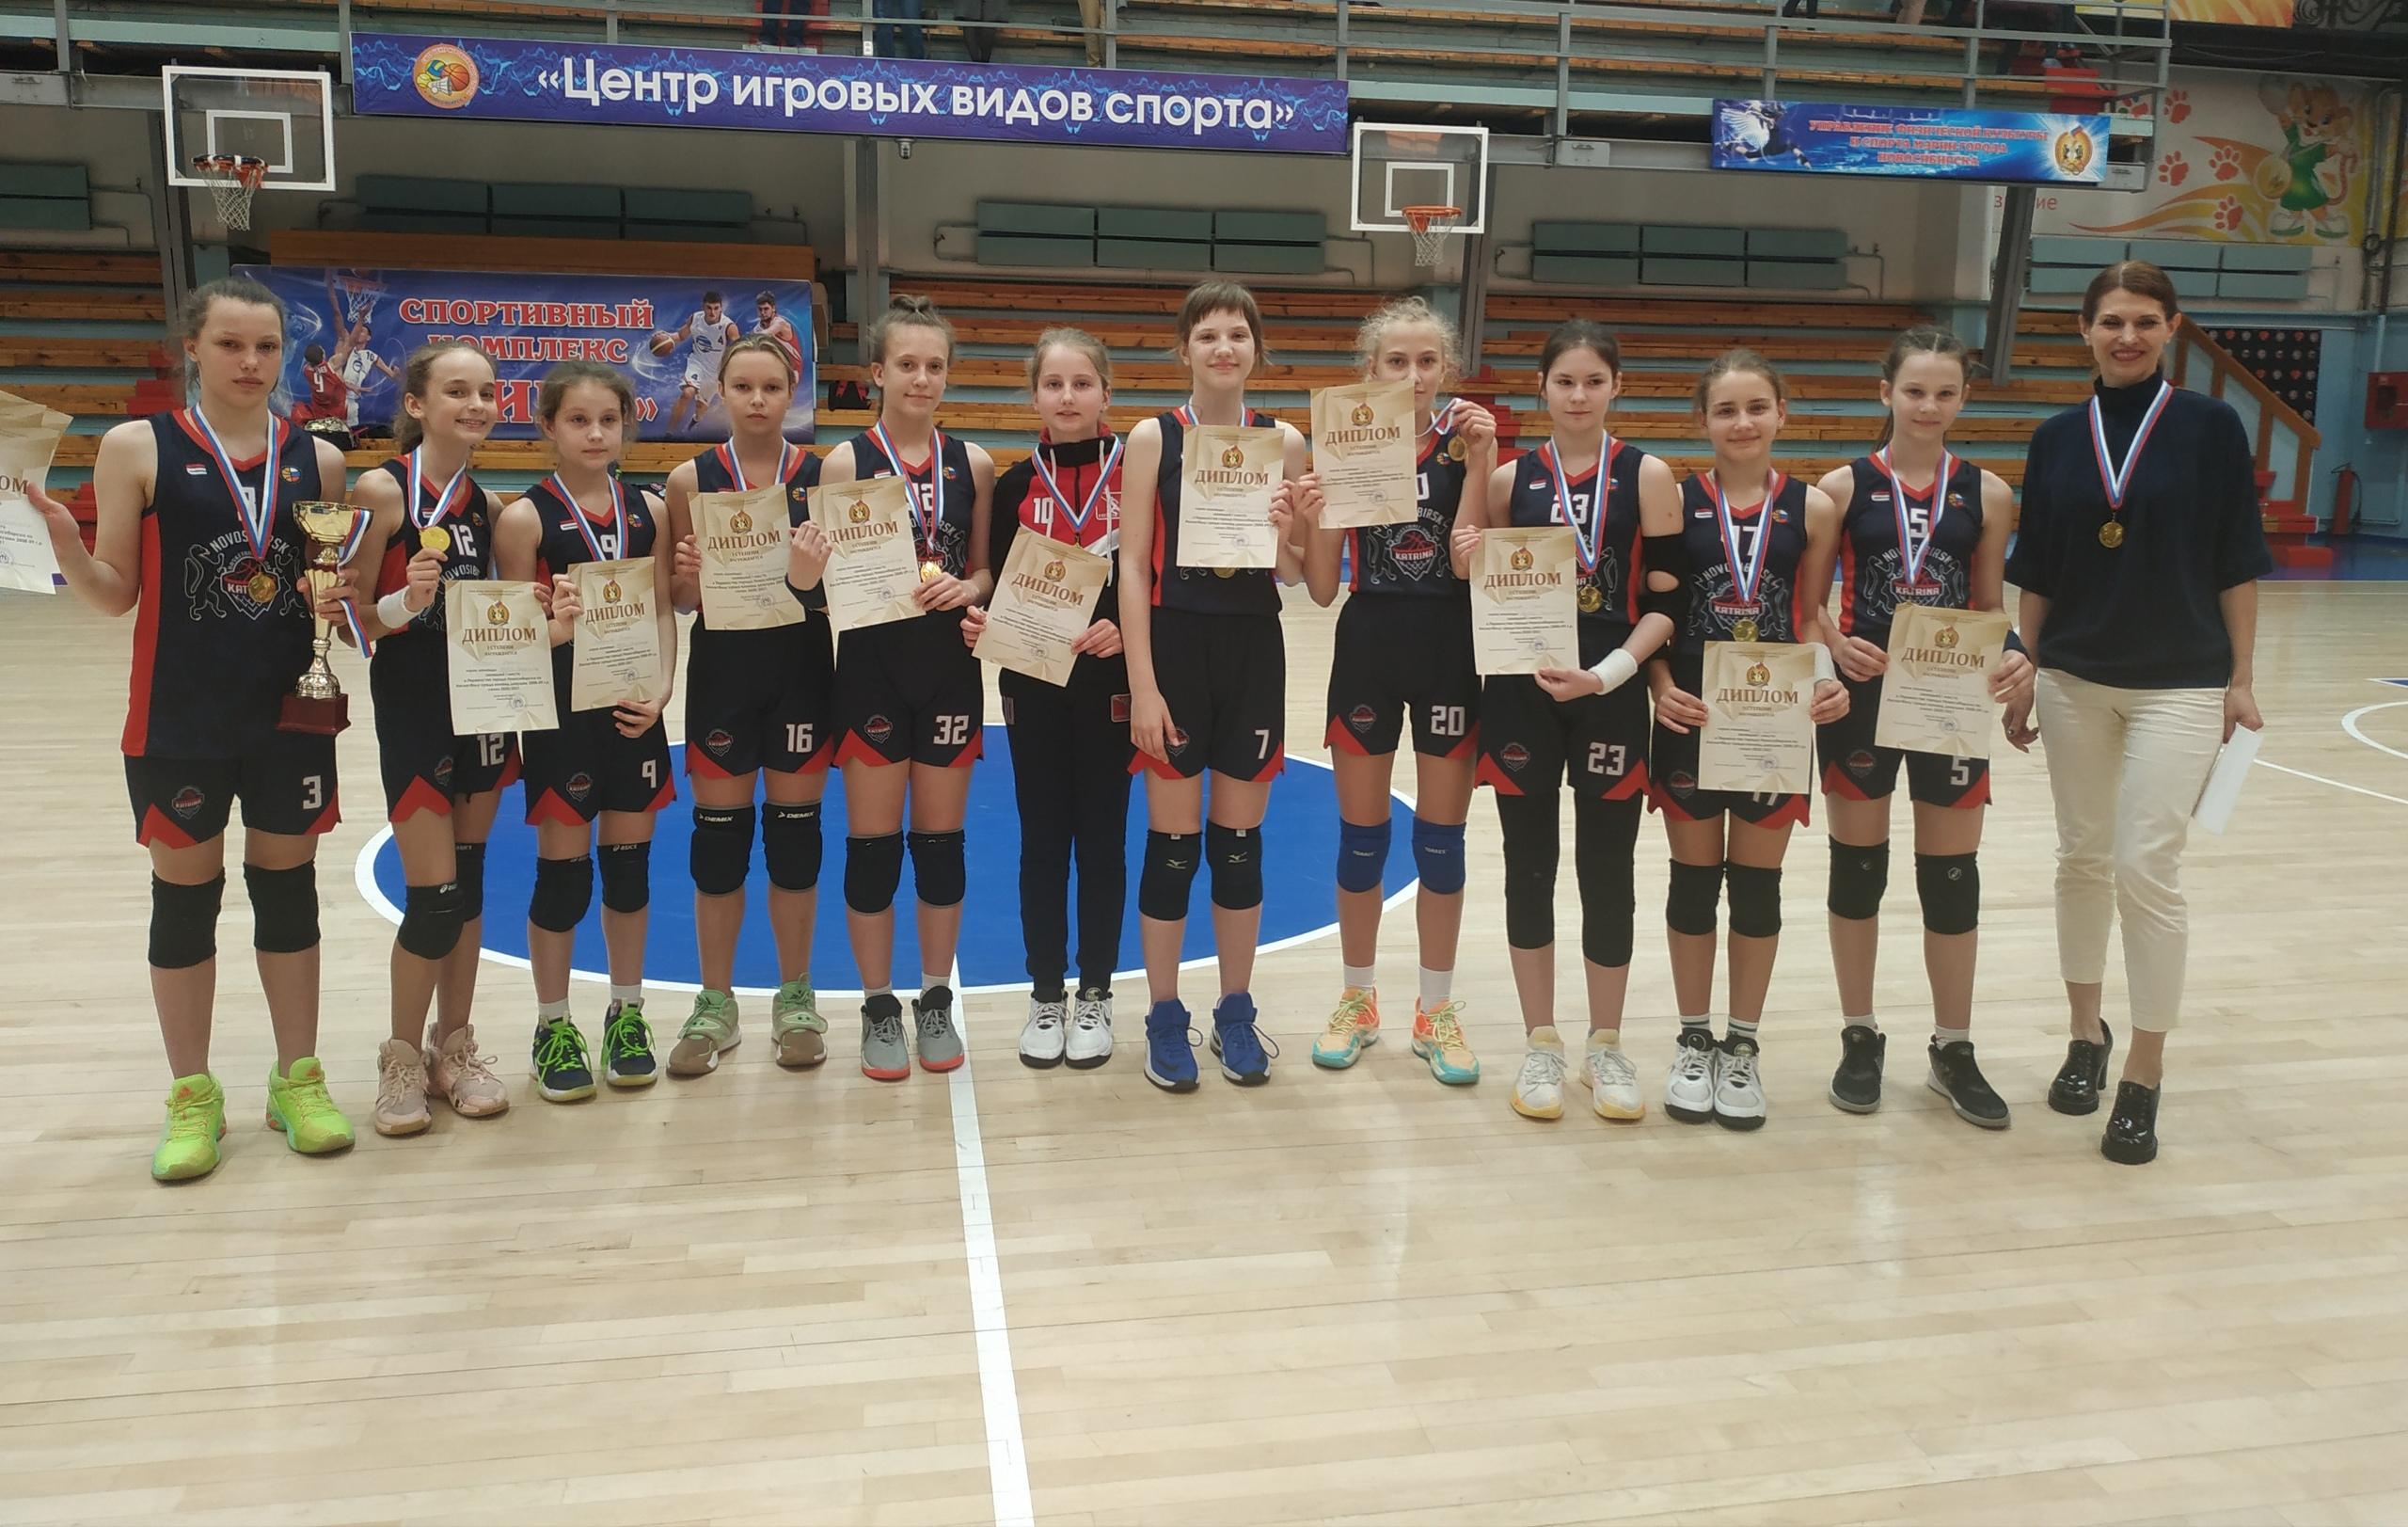 спортсменки ДЮФЦ Спартанец под руководством тренера Ермак Натальи Александровны